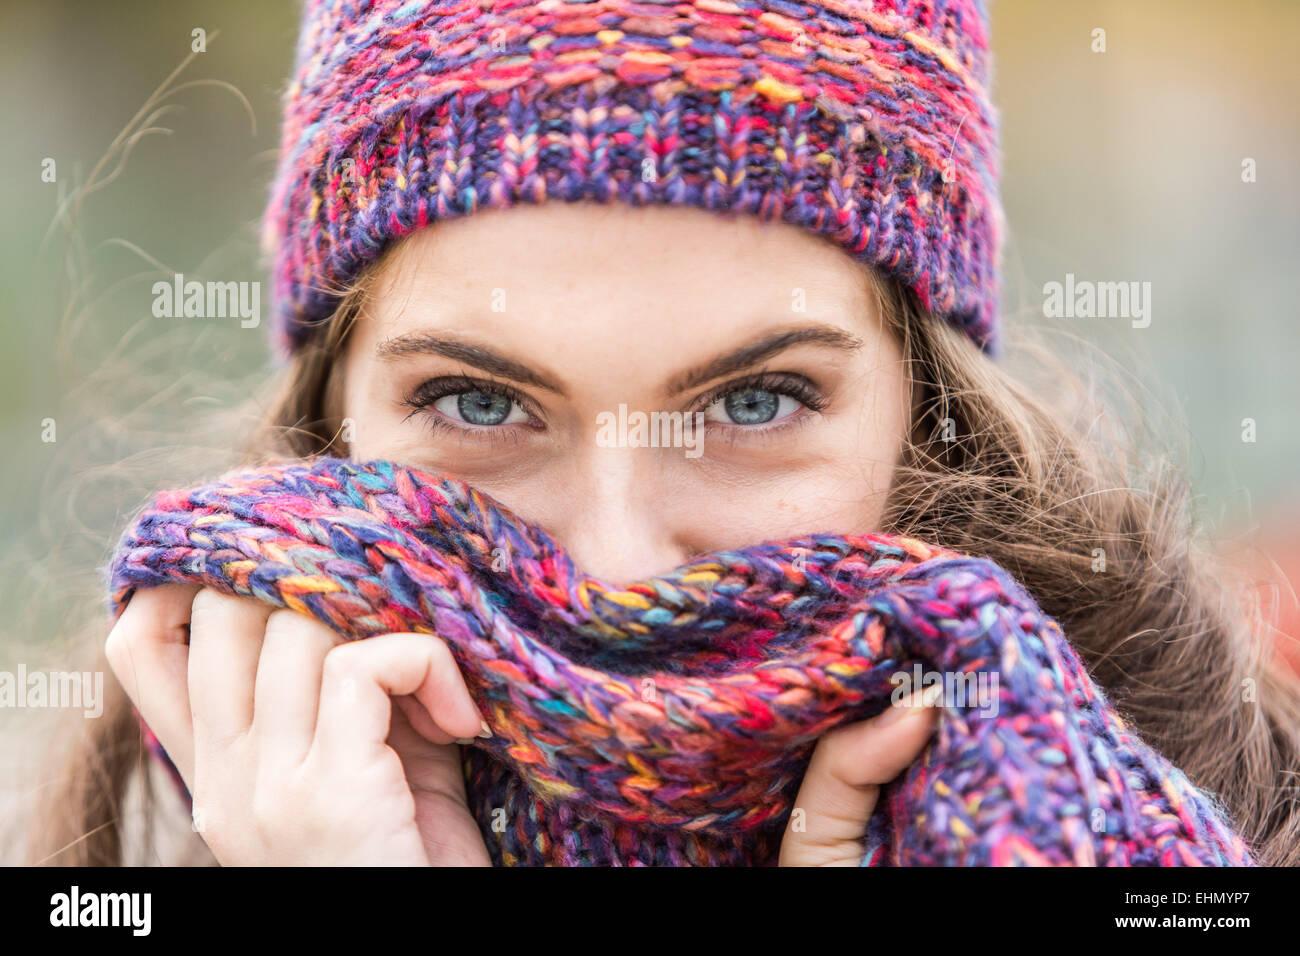 Retrato de mujer en invierno. Imagen De Stock